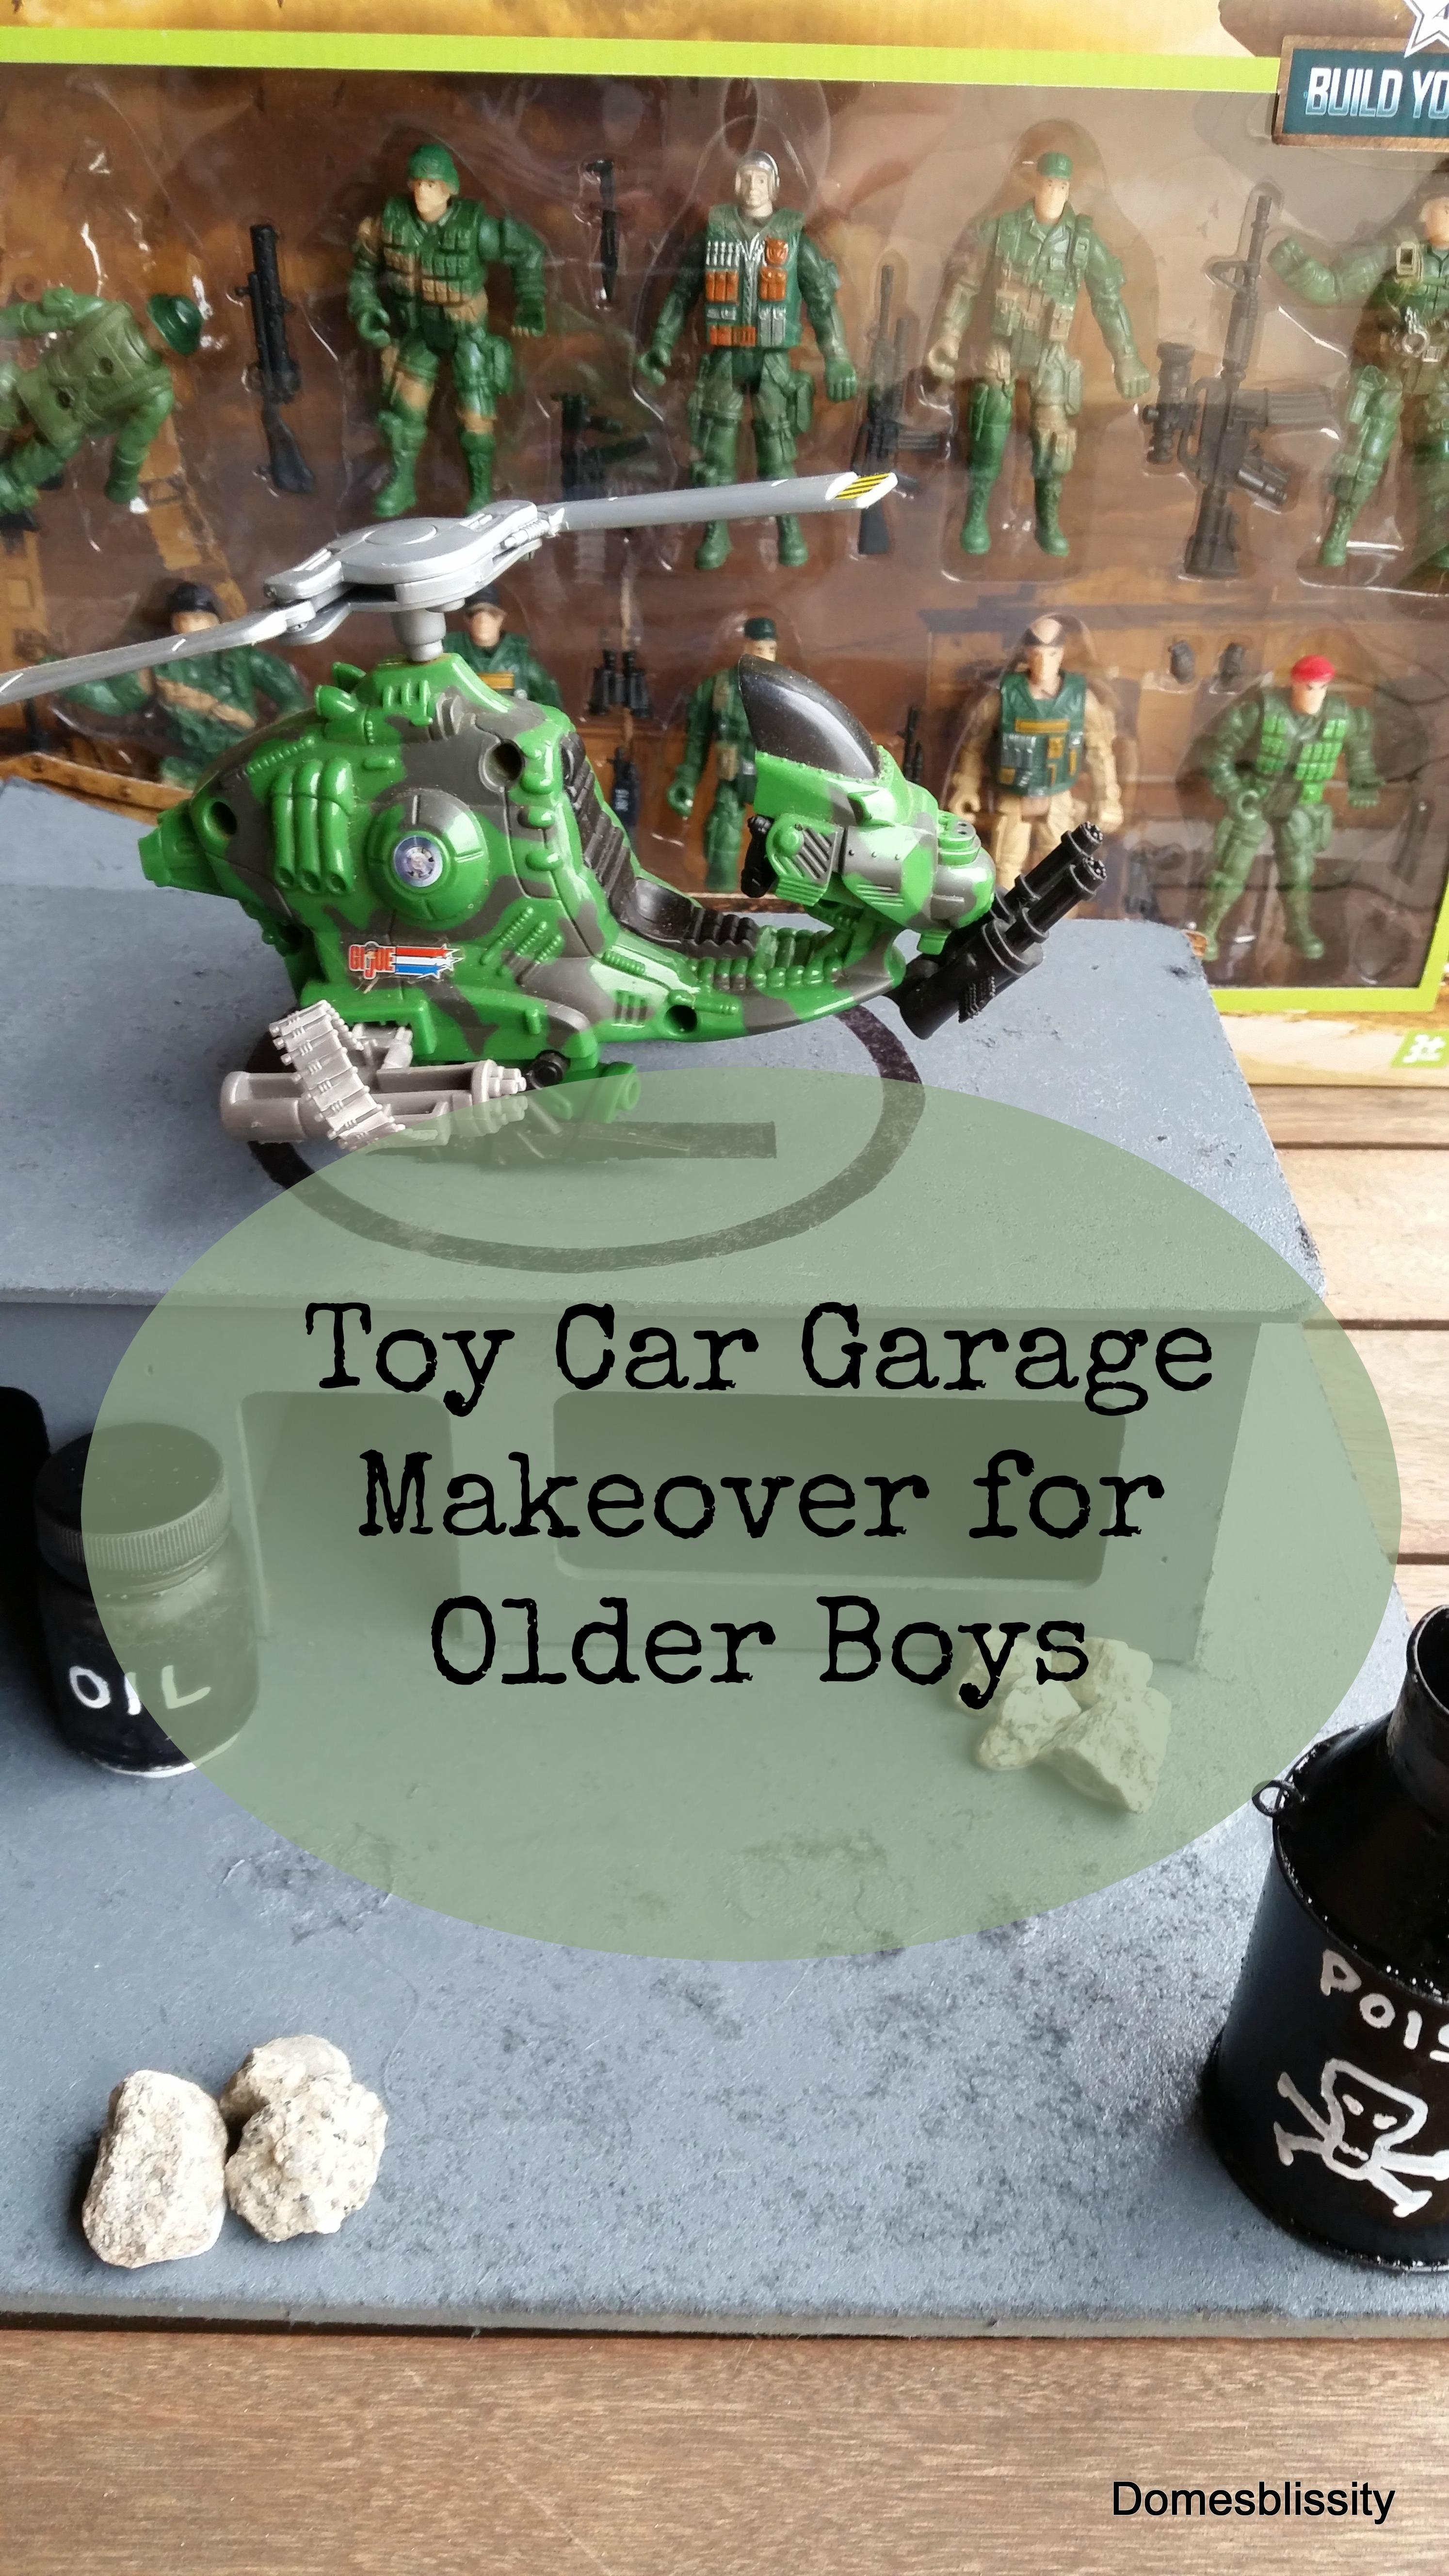 Toy Car Garage Makeover for Older Boys